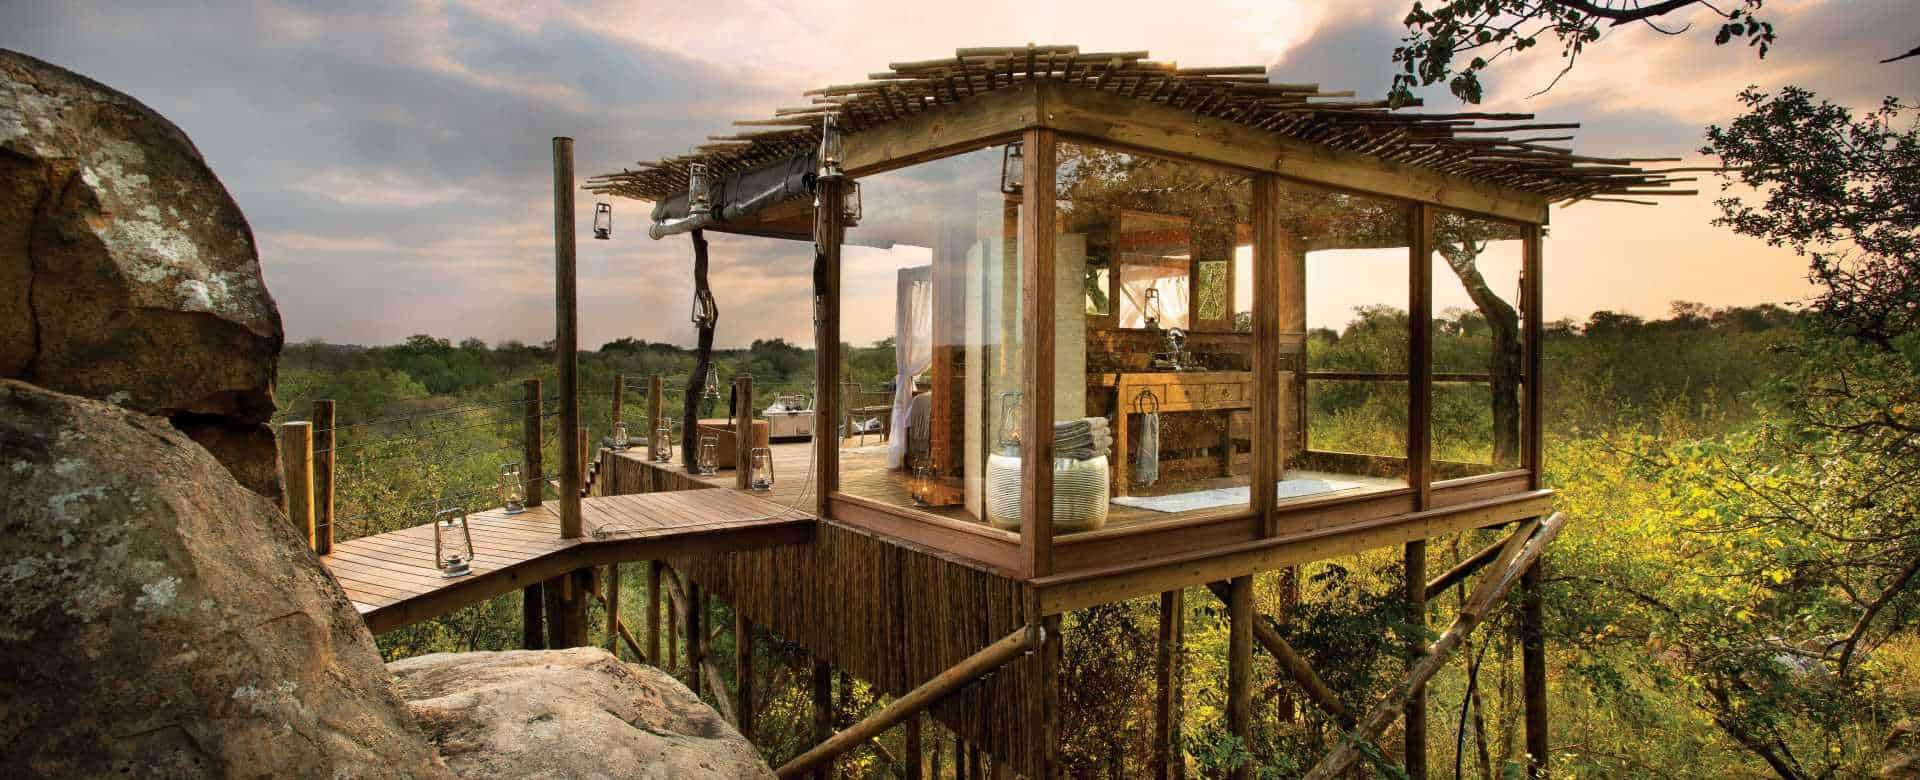 Tailormade Safaris and Tours | African Safari with Taga